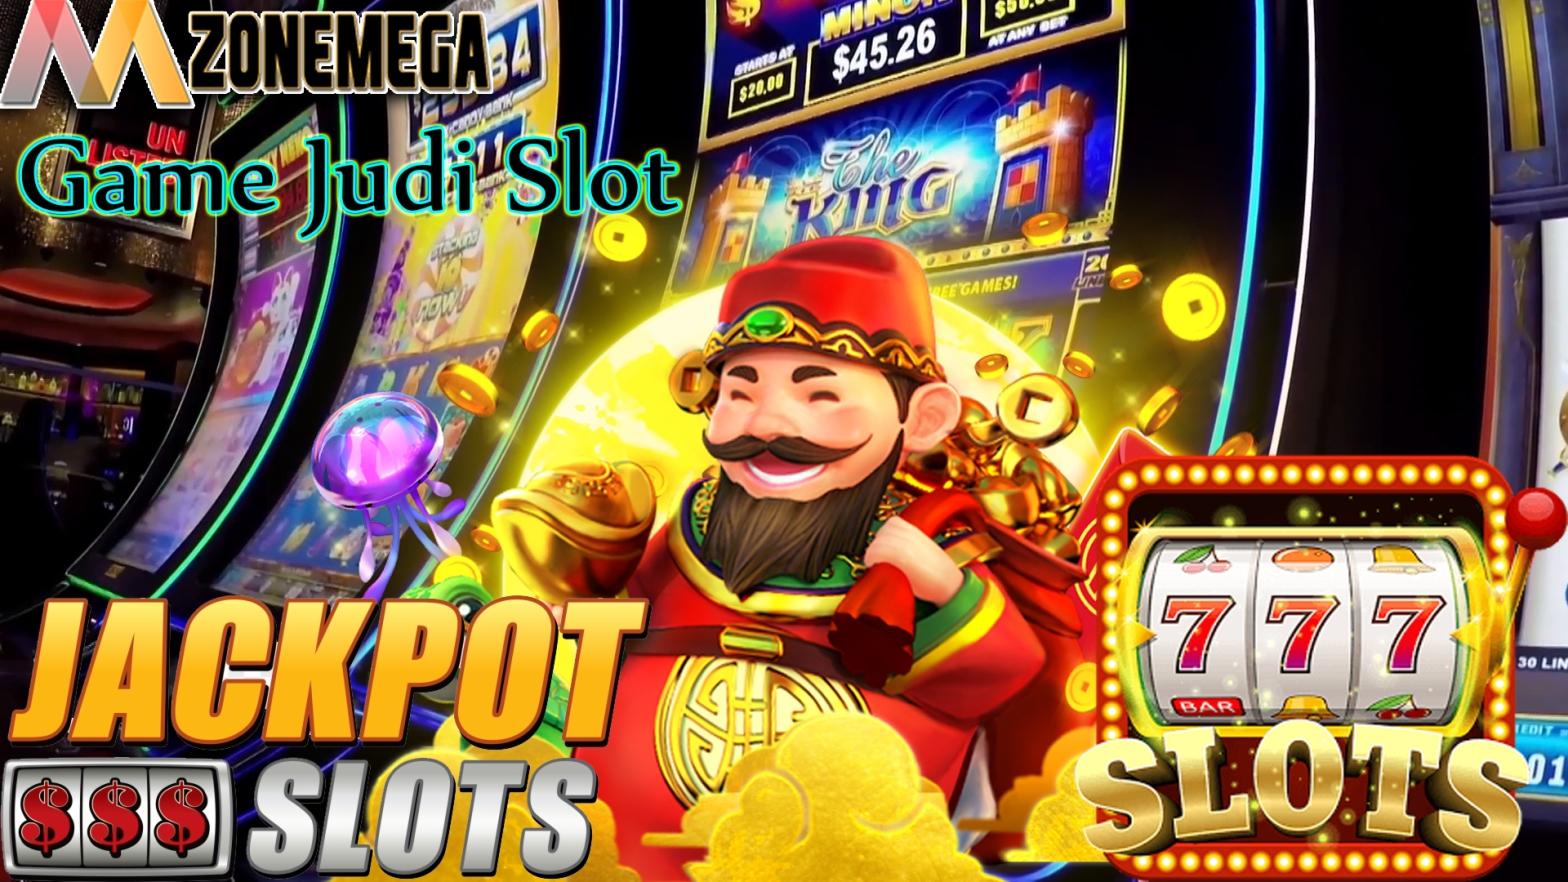 Bandar Judi Casino Slot Zonemega Casino Online Slot Online Judi Bola